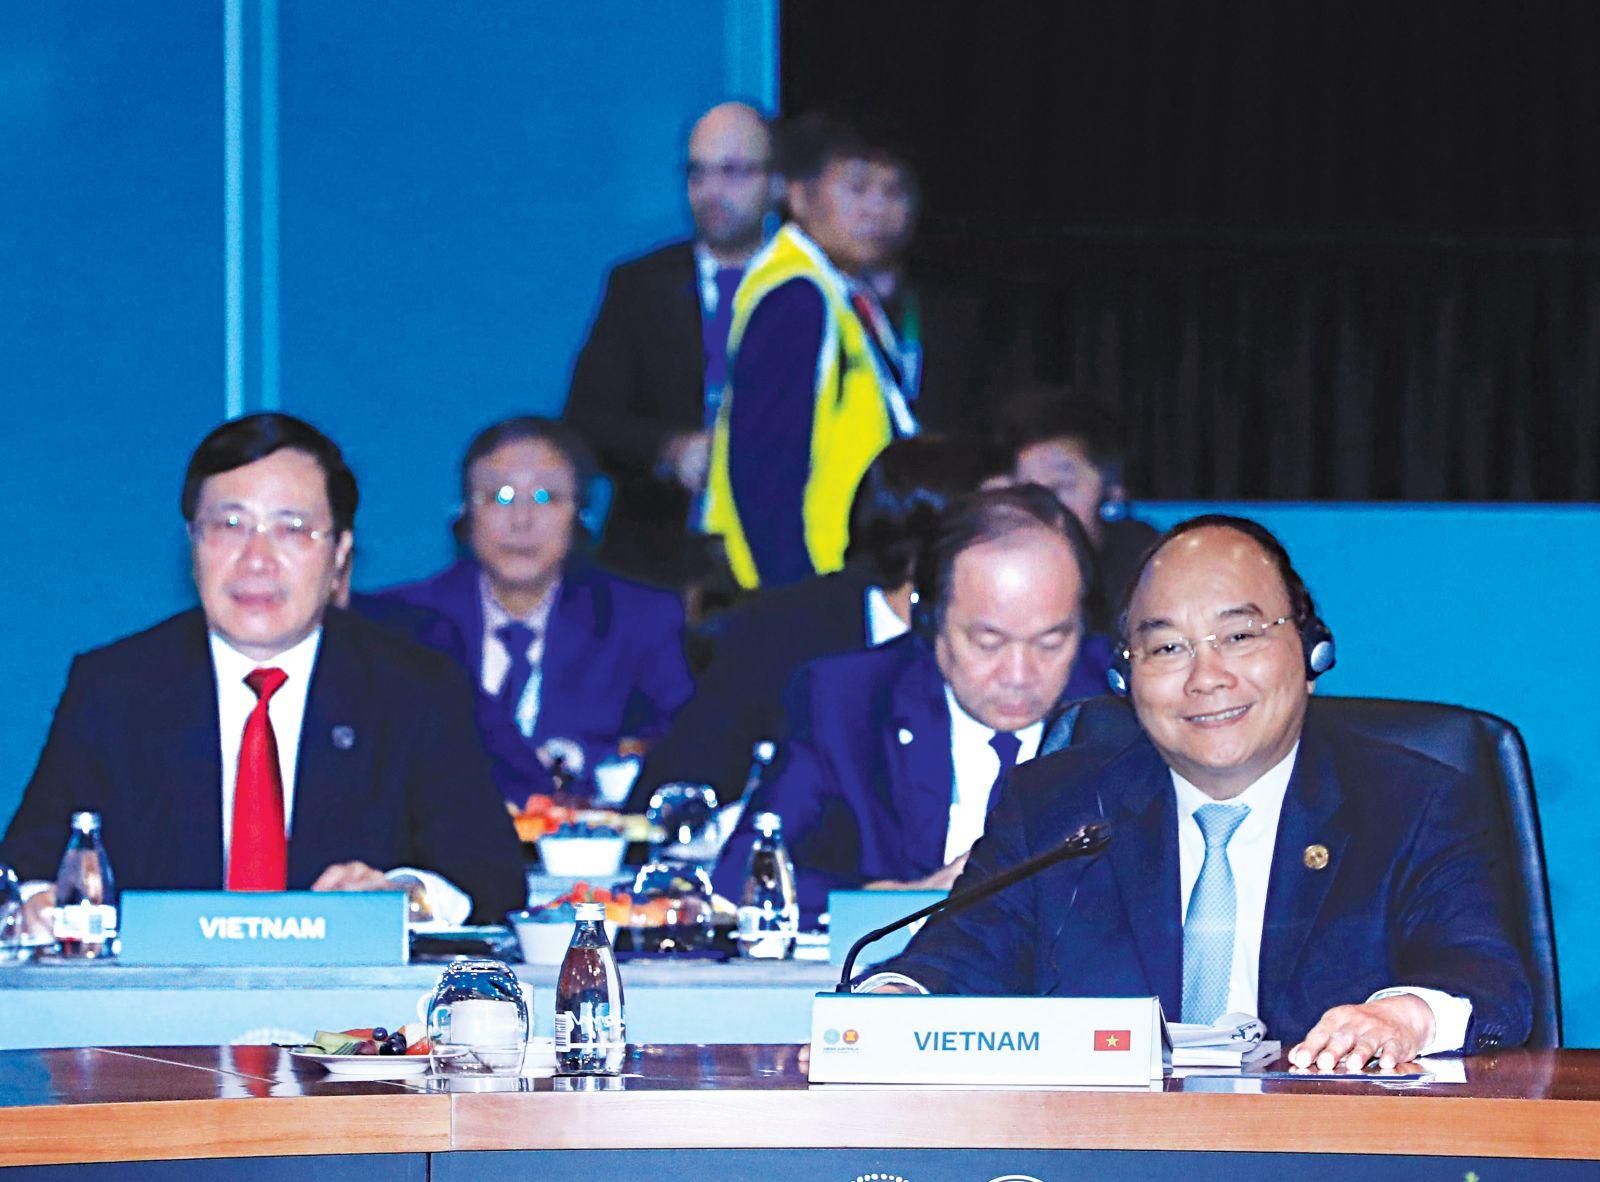 Thủ tướng Nguyễn Xuân Phúc dự Phiên họp Toàn thể về Tăng cường kết nối ASEAN-Australia, Đối tác kinh tế ASEAN-Australia và Hợp tác chống khủng bố ASEAN-Australia. Ảnh: THỐNG NHẤT-TTXVN